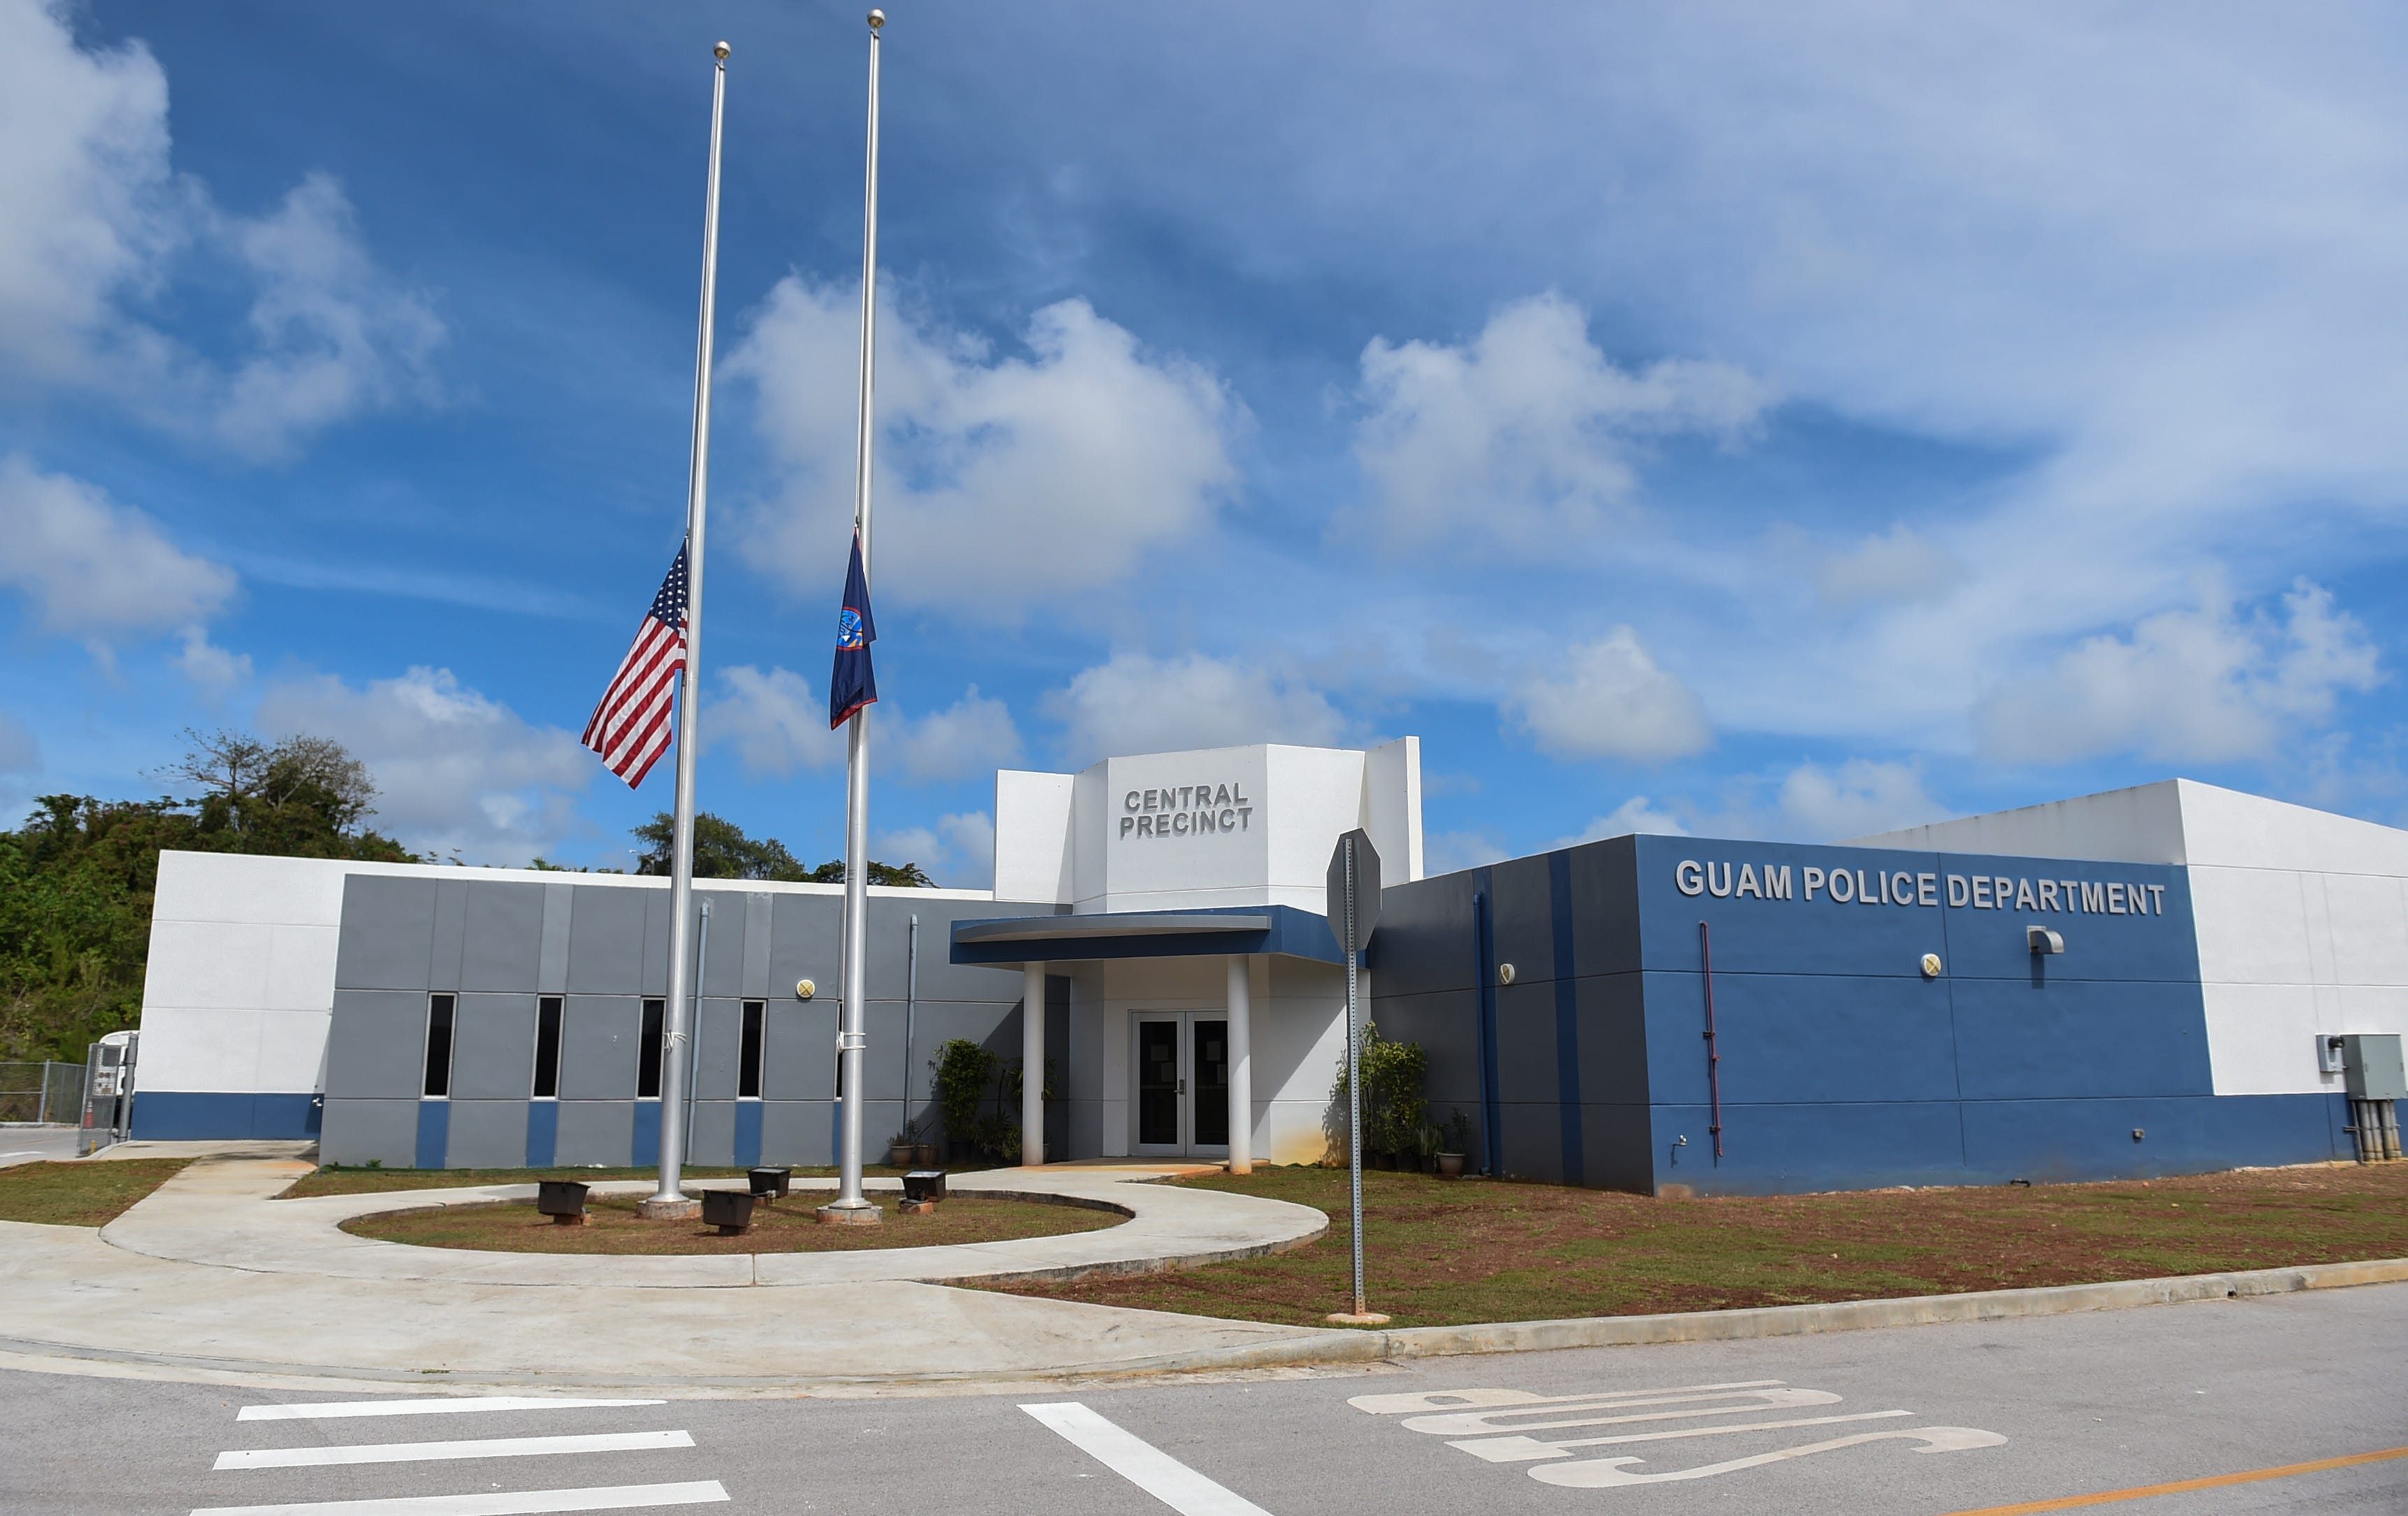 The Guam Police Department Central Precinct Command in Sinajana, Feb. 16, 2021.